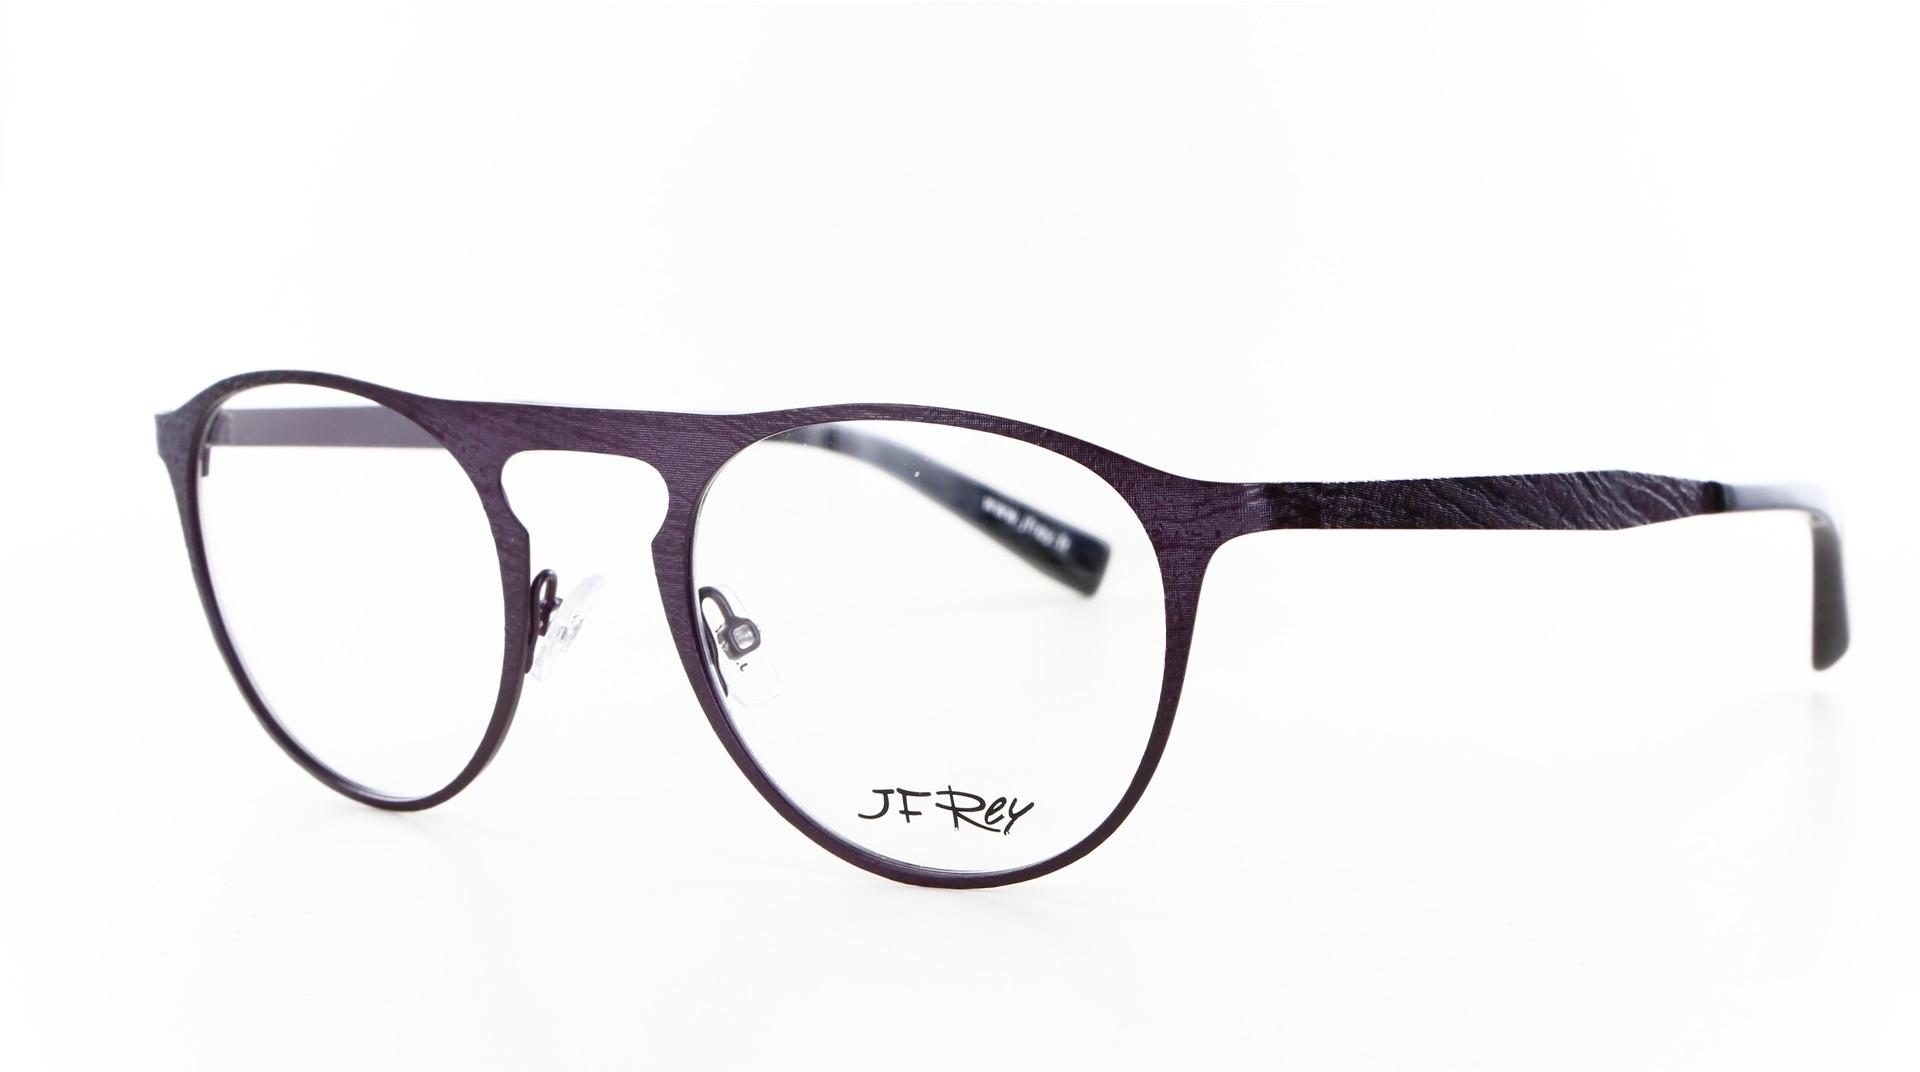 J.F. Rey - ref: 77699